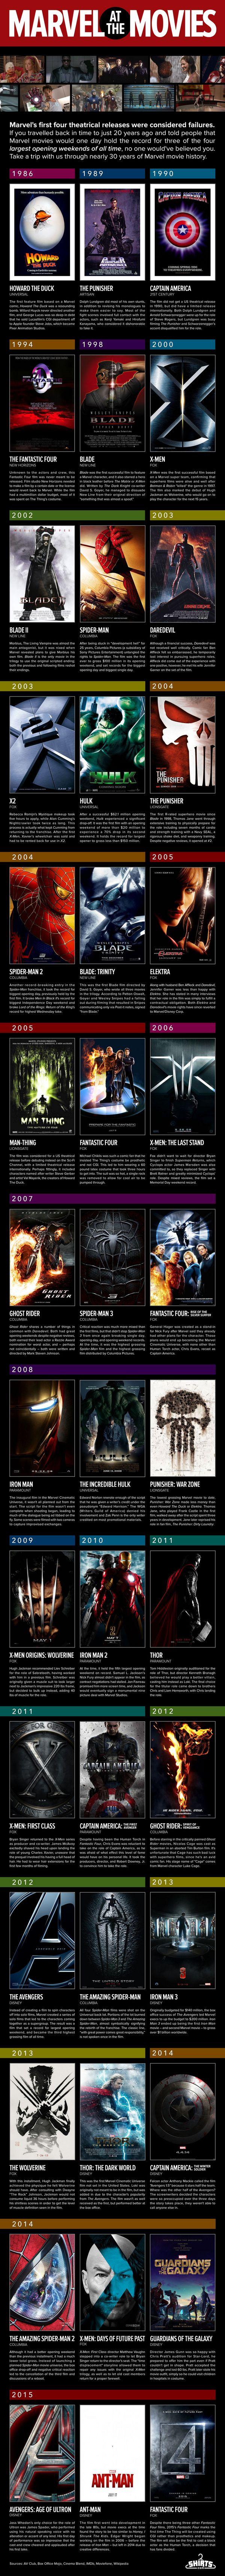 Marvel Movie Infographic